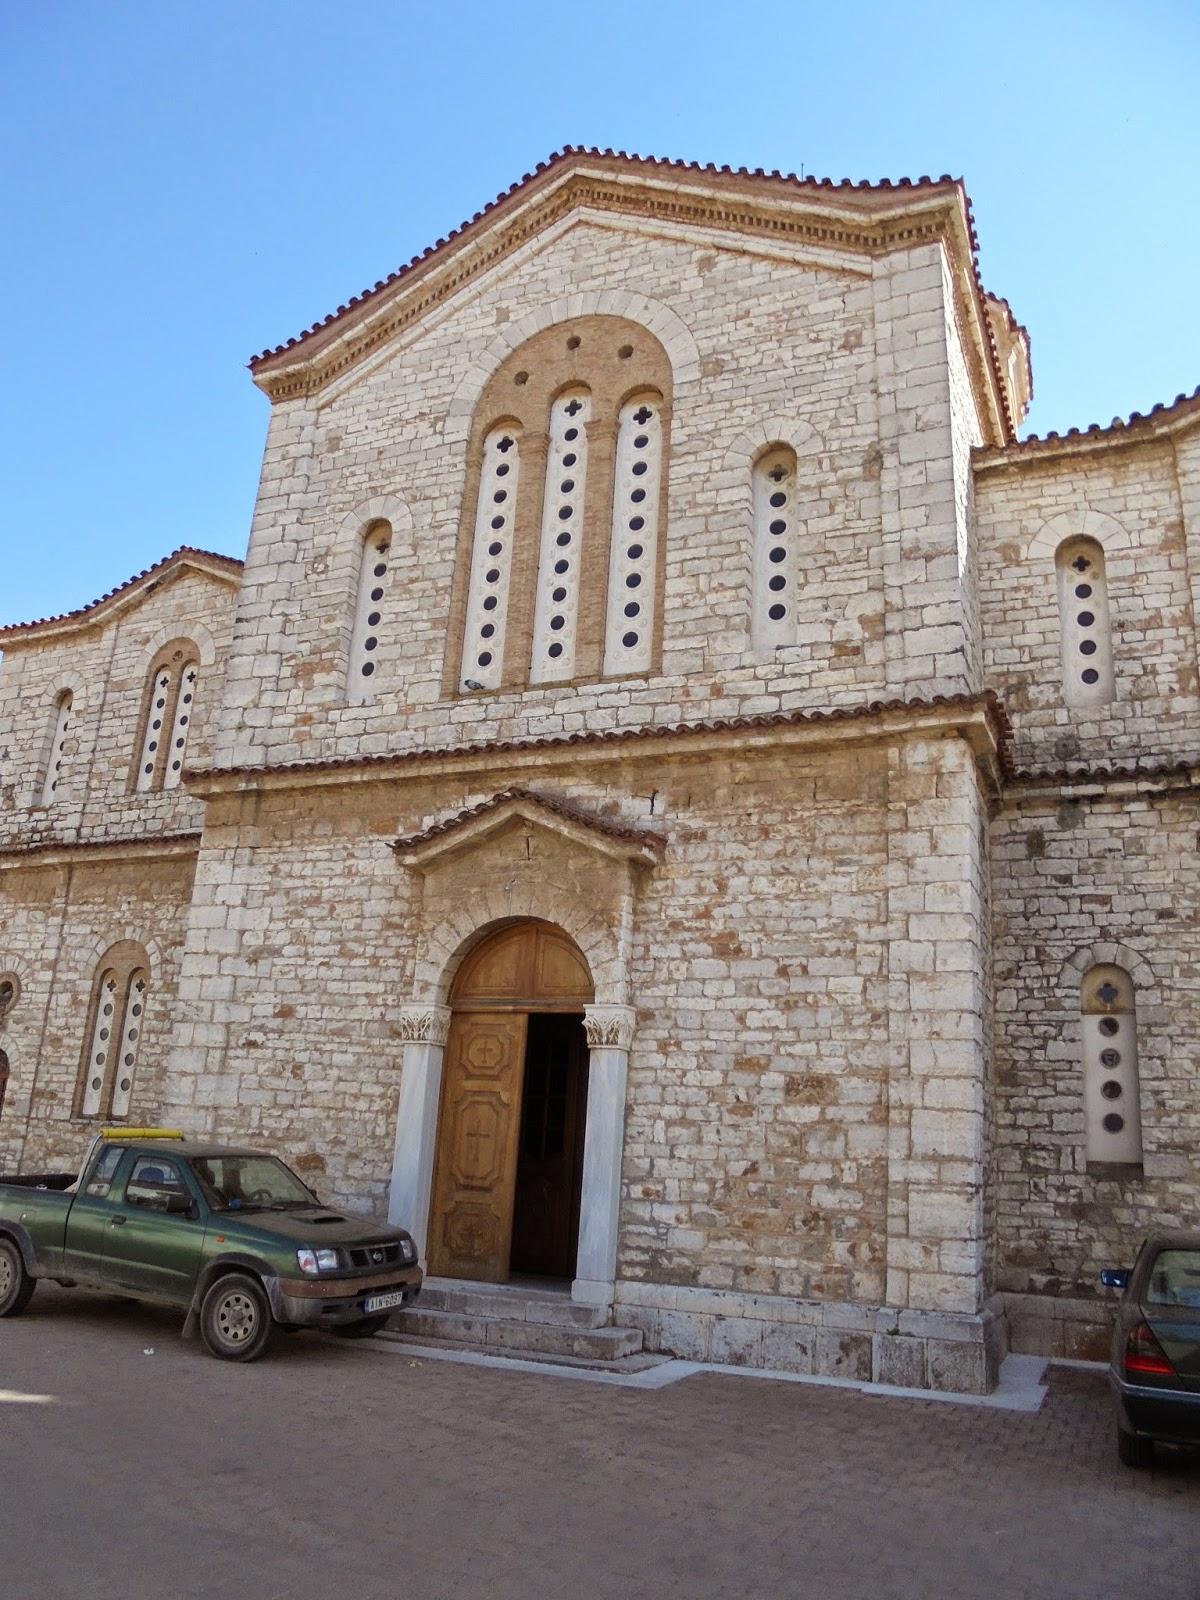 ο ναός του αγίου Σπυρίδωνα στο Μεσολόγγι